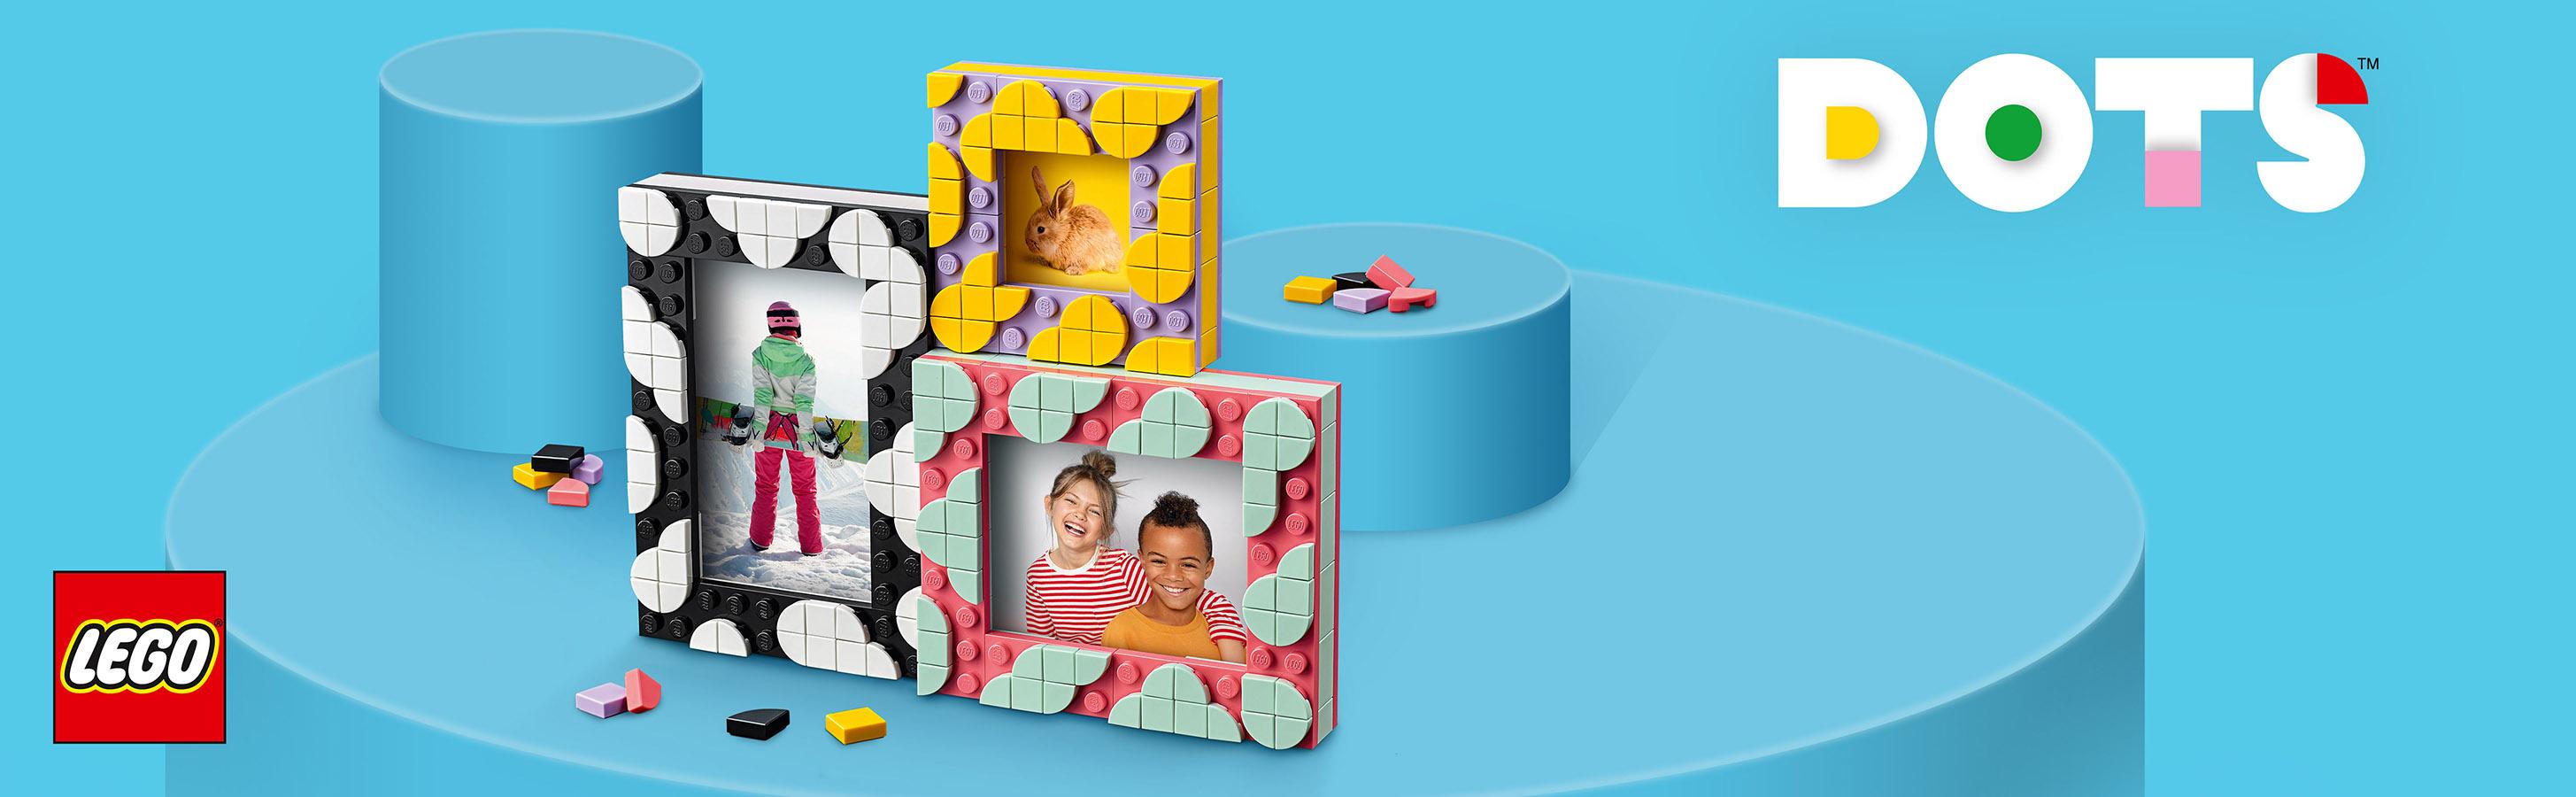 LEGO® DOTS setleriyle özgür yaratıcılık